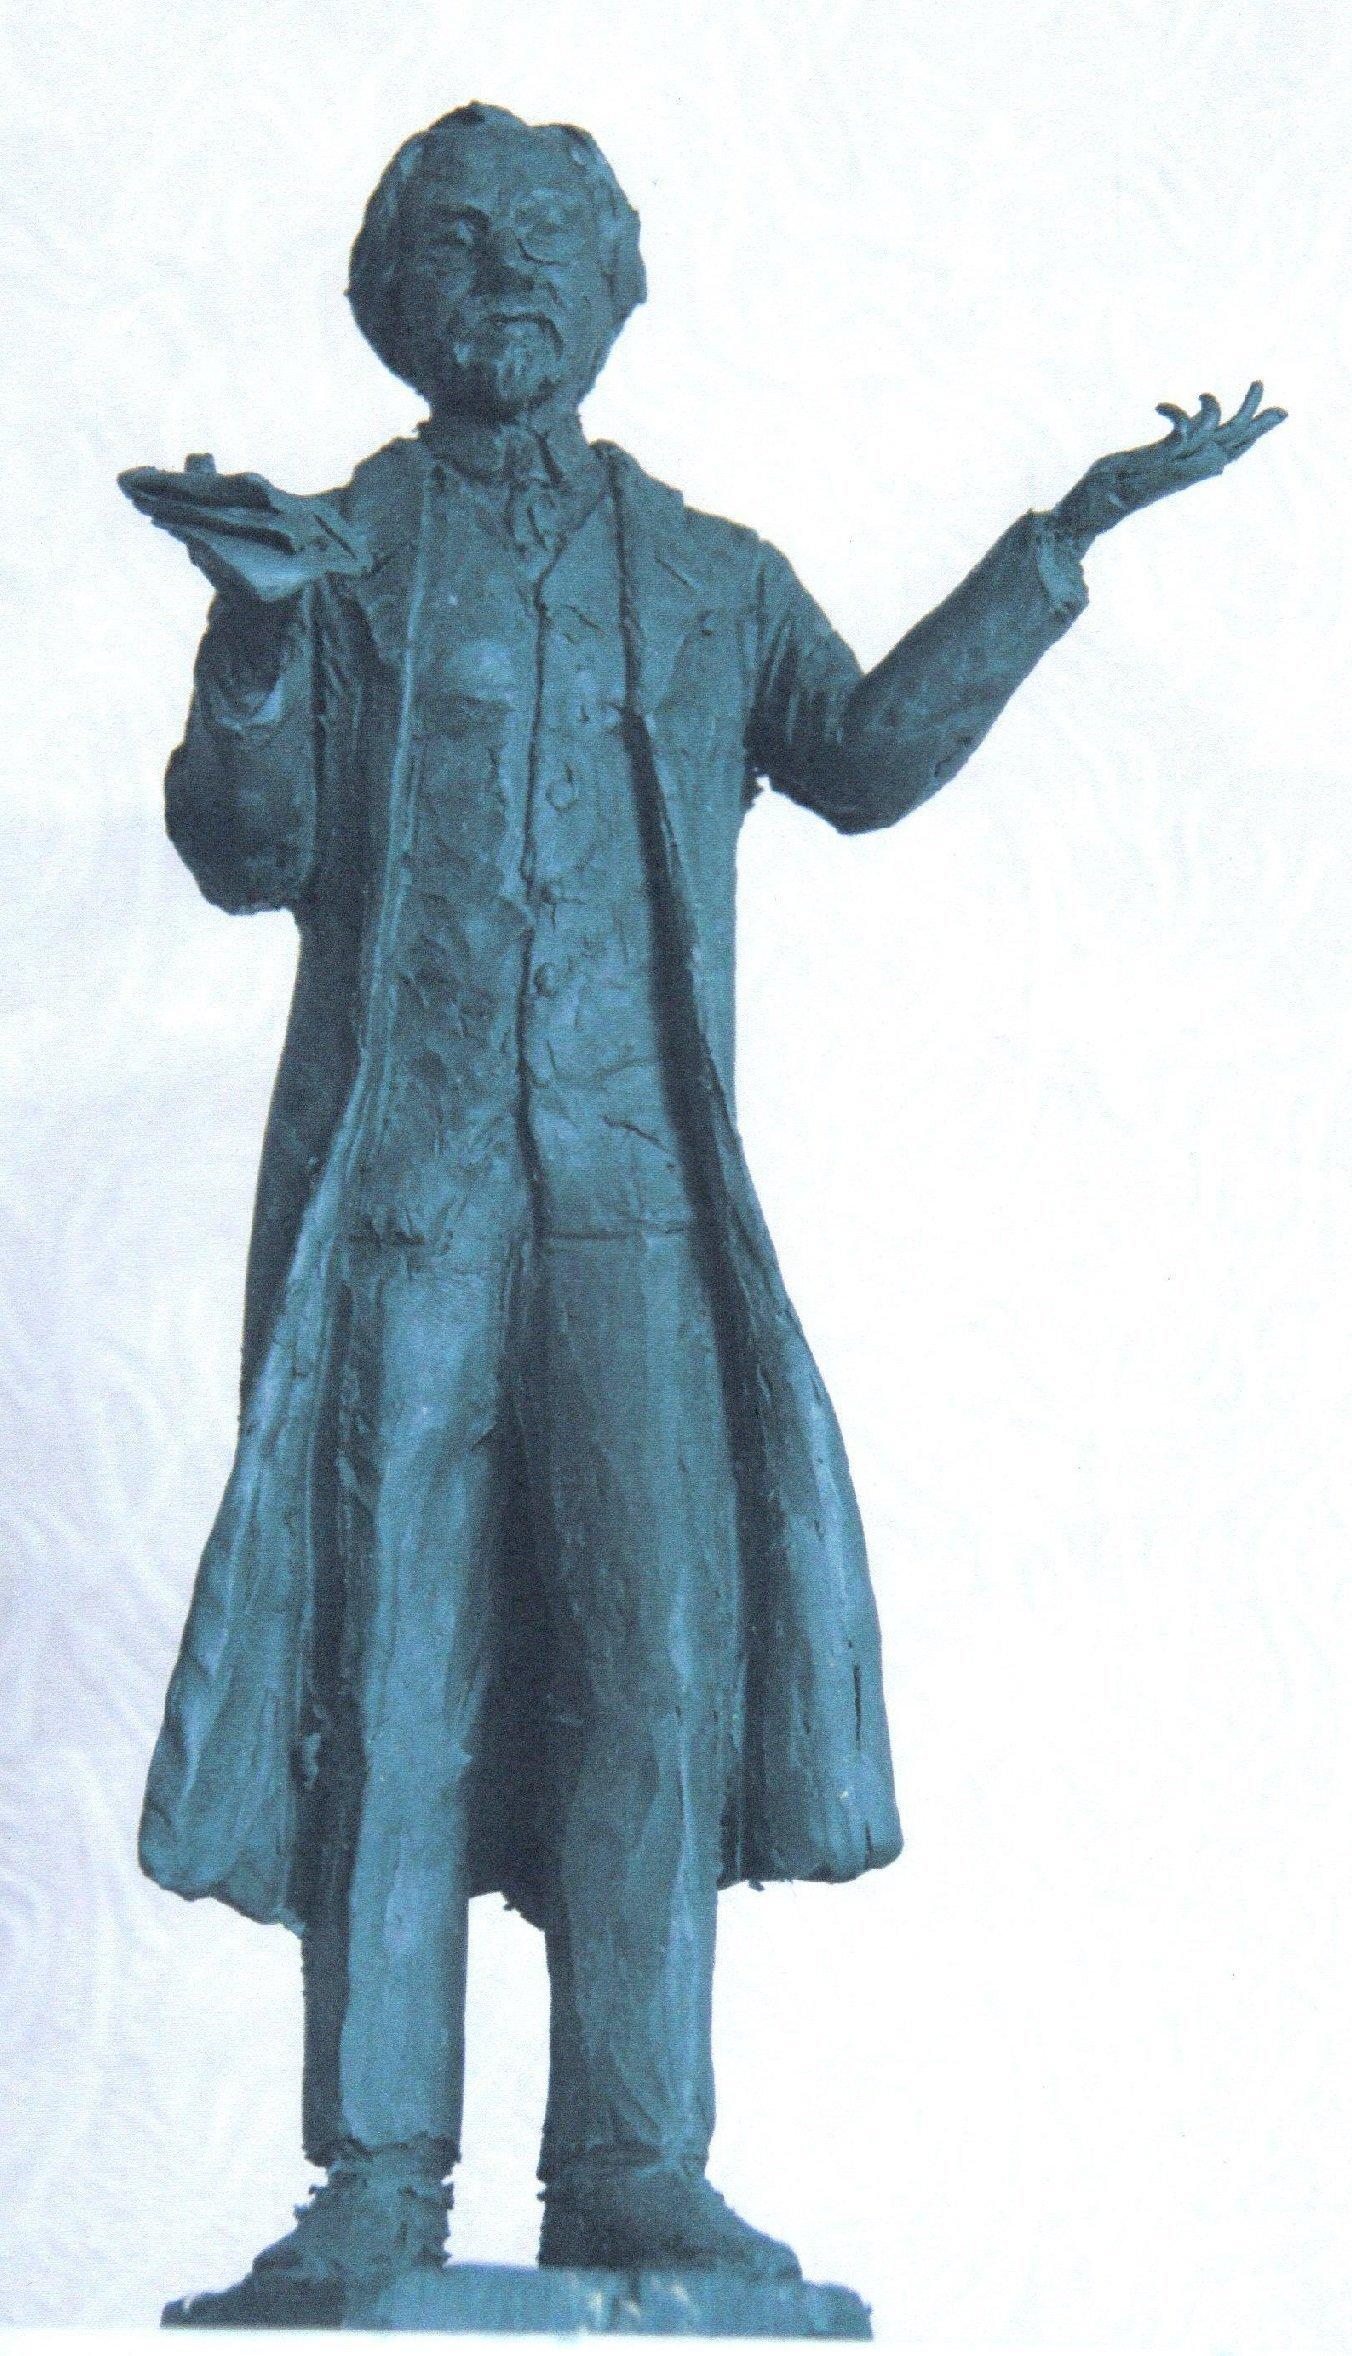 Скульптура з бронзи  українському письменнику Шолом-Алейхему